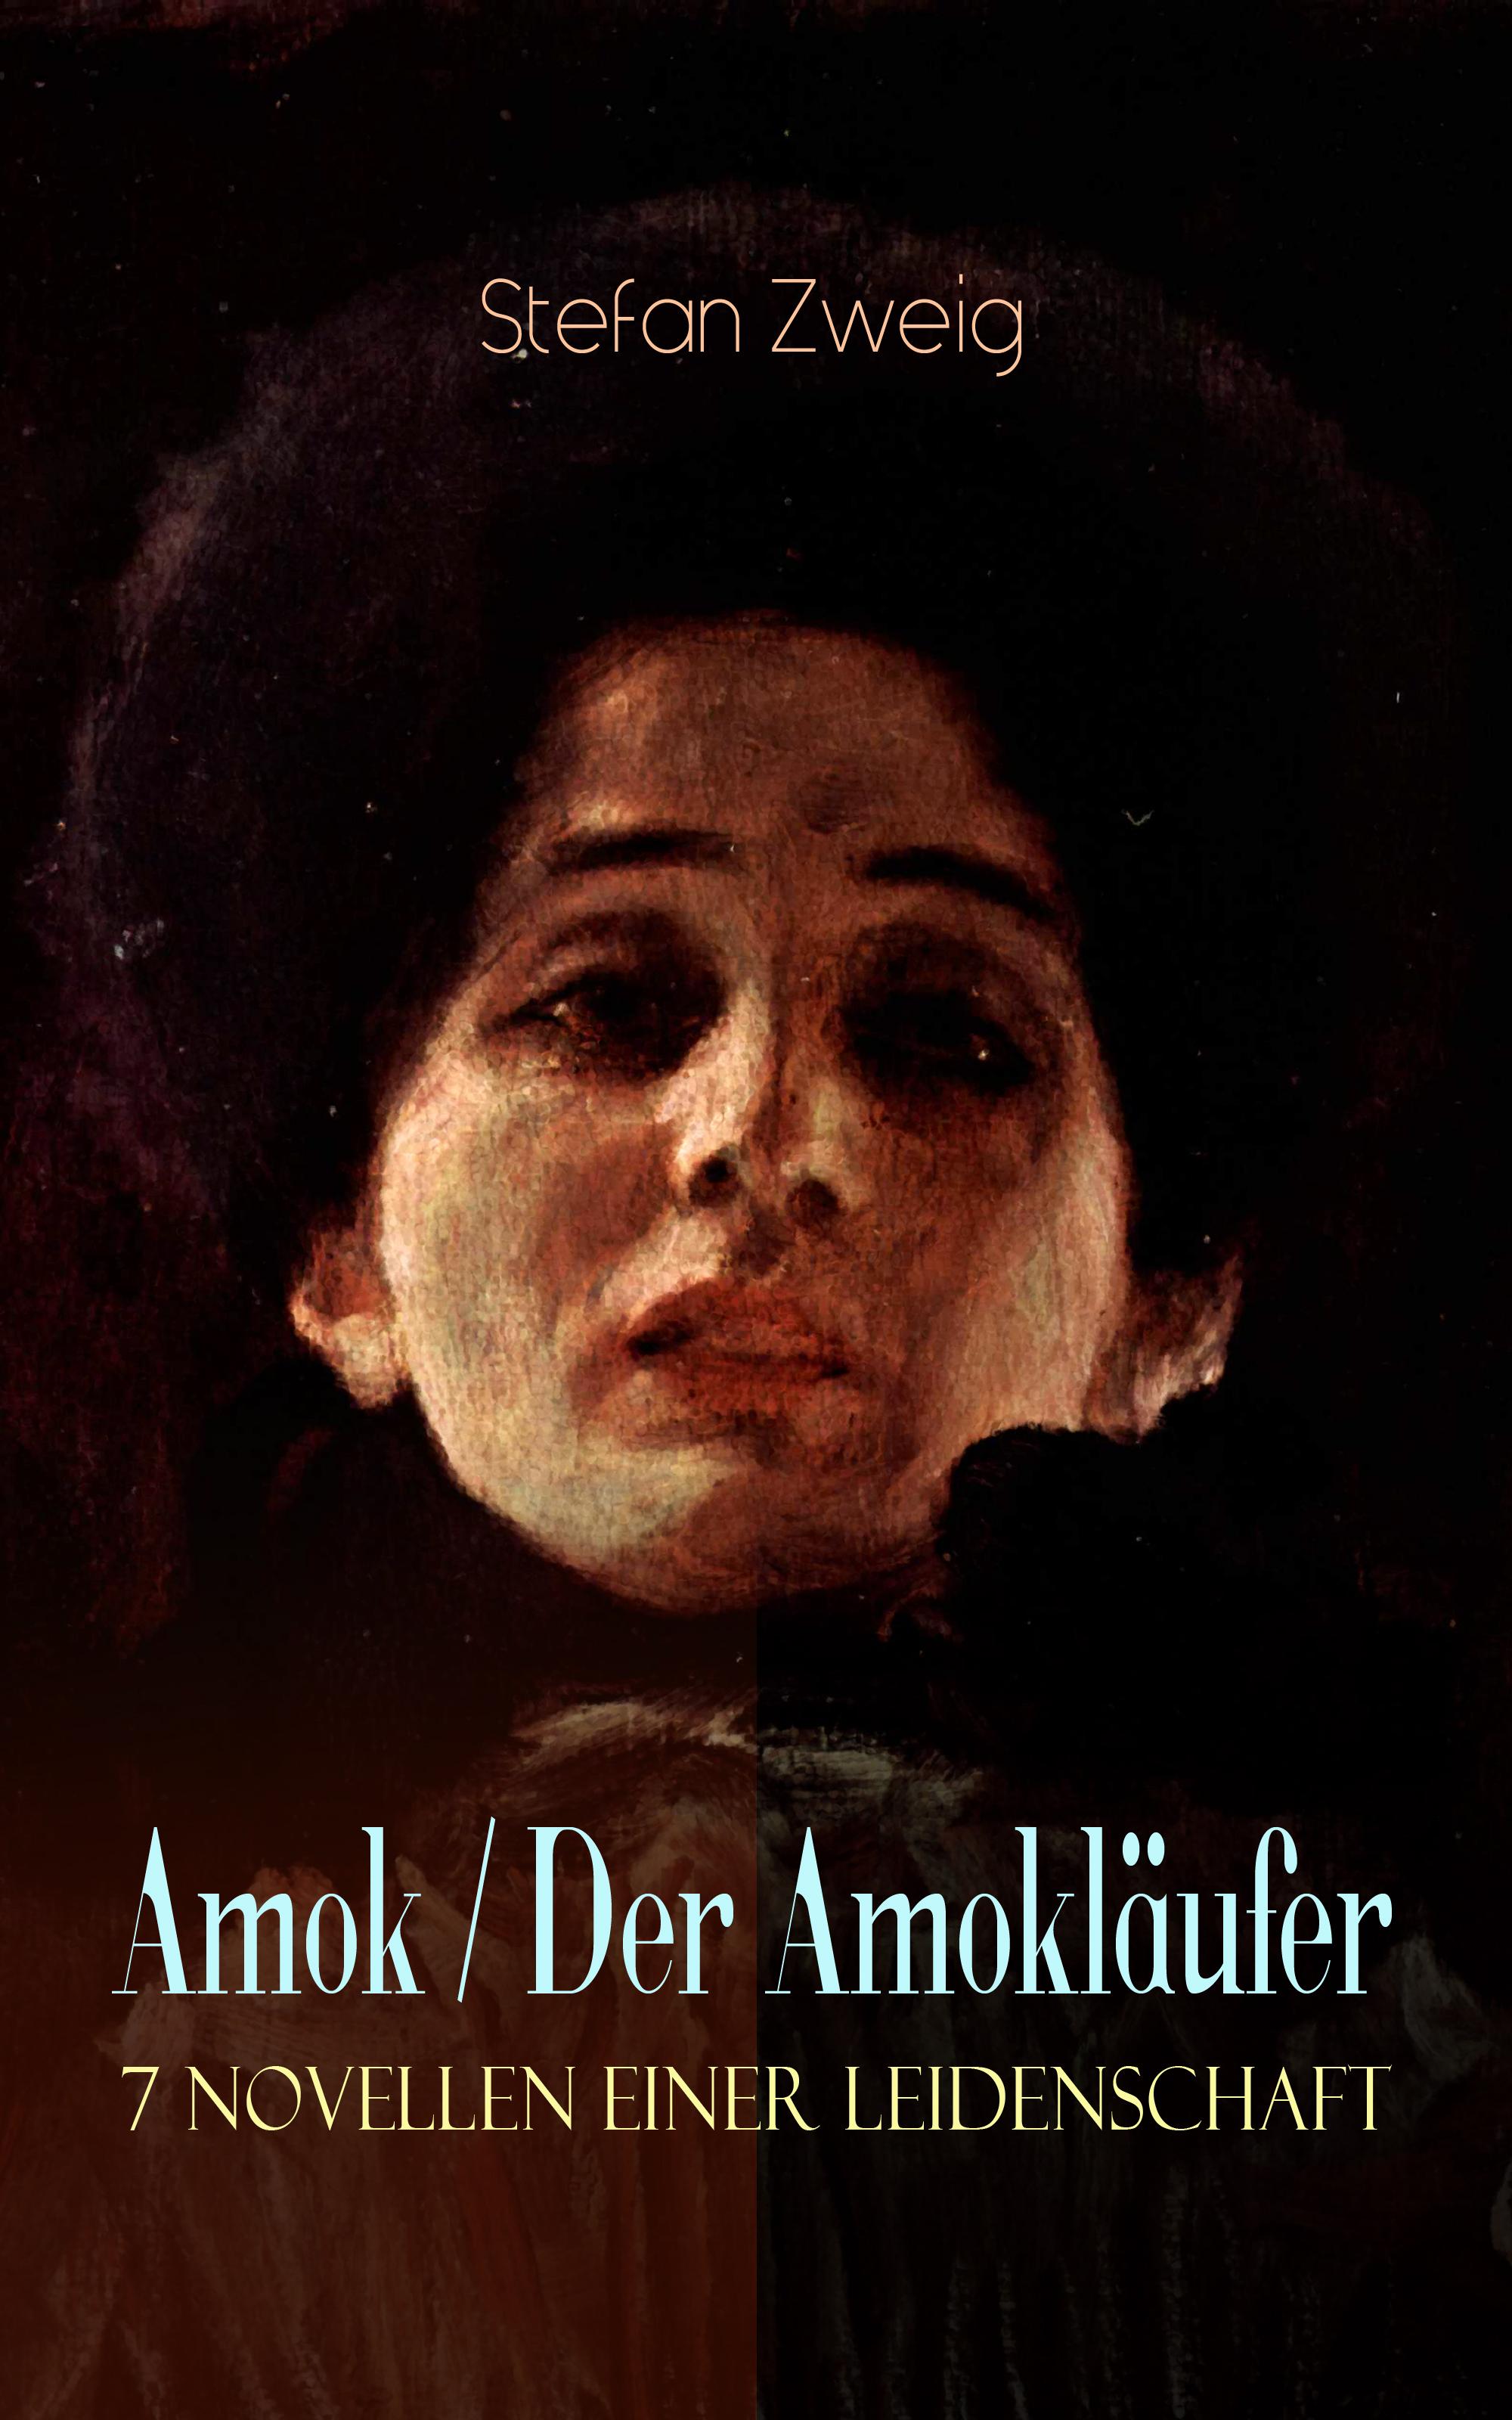 Amok / Der Amokl?ufer. 7 Novellen einer Leidenschaft